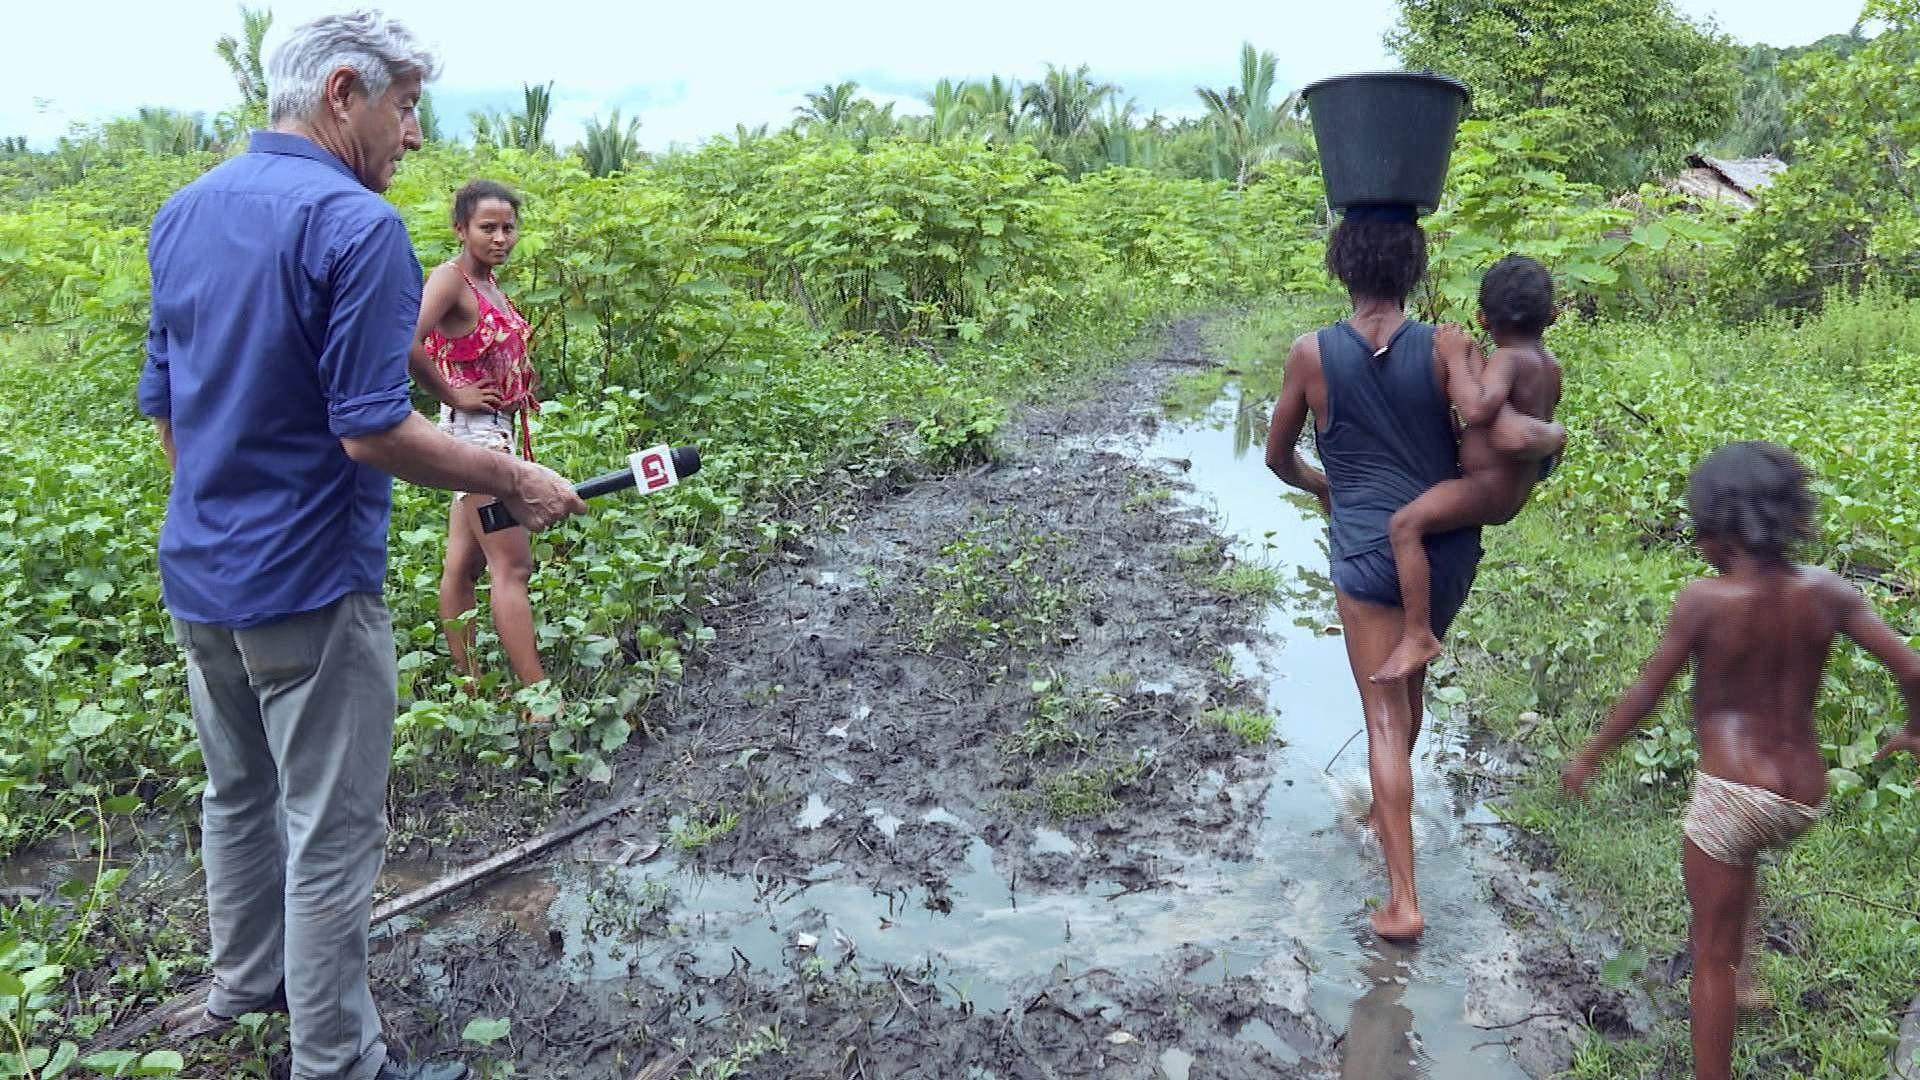 Maranhão é o estado onde mais brasileiros vivem em extrema pobreza, segundo IBGE